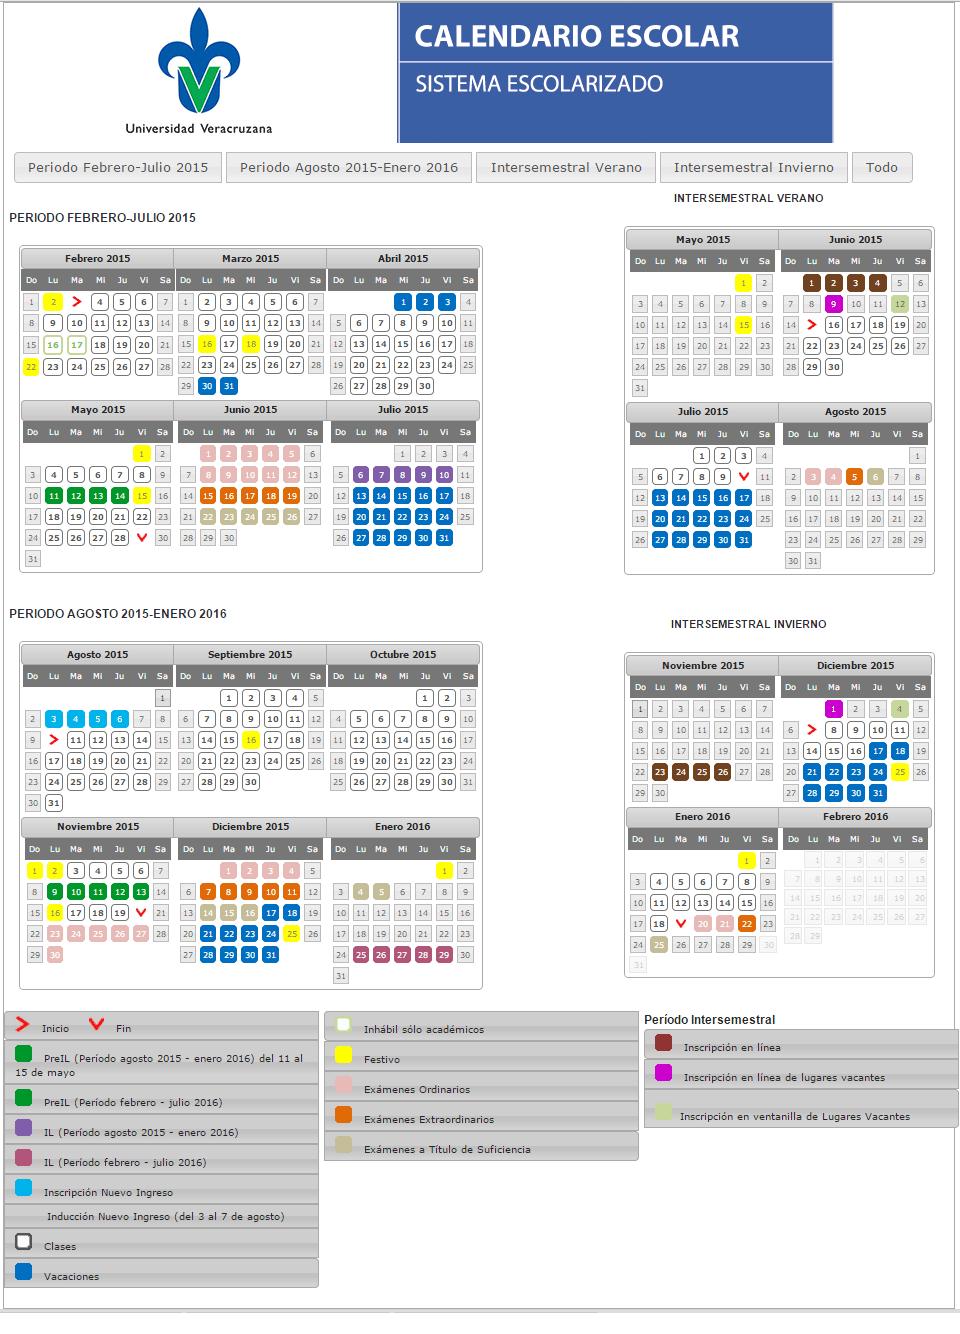 Aviso: Calendario escolar UV 2015 - Seguridad de la información